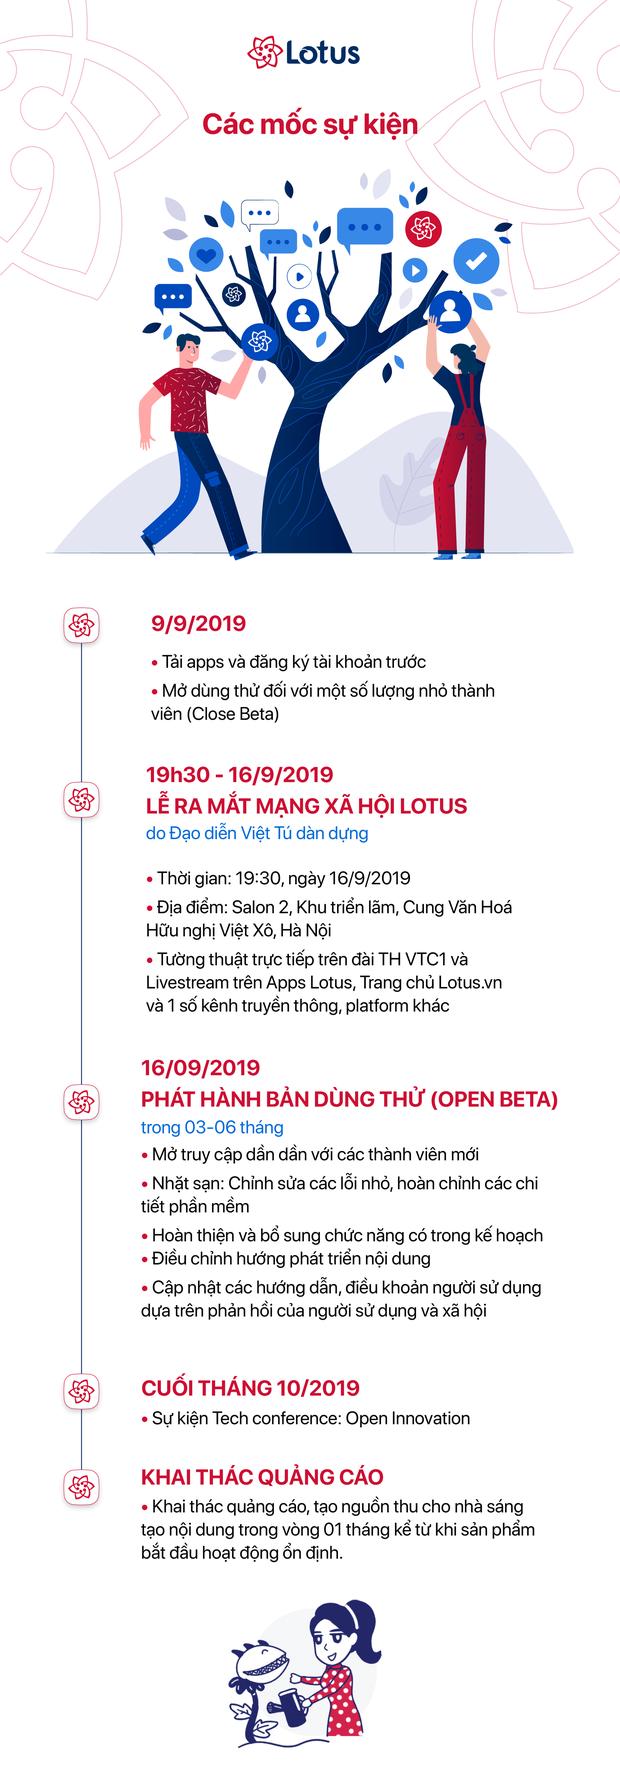 Những chia sẻ ấn tượng của TGĐ VCCorp trong buổi ra mắt MXH Lotus - Ảnh 8.